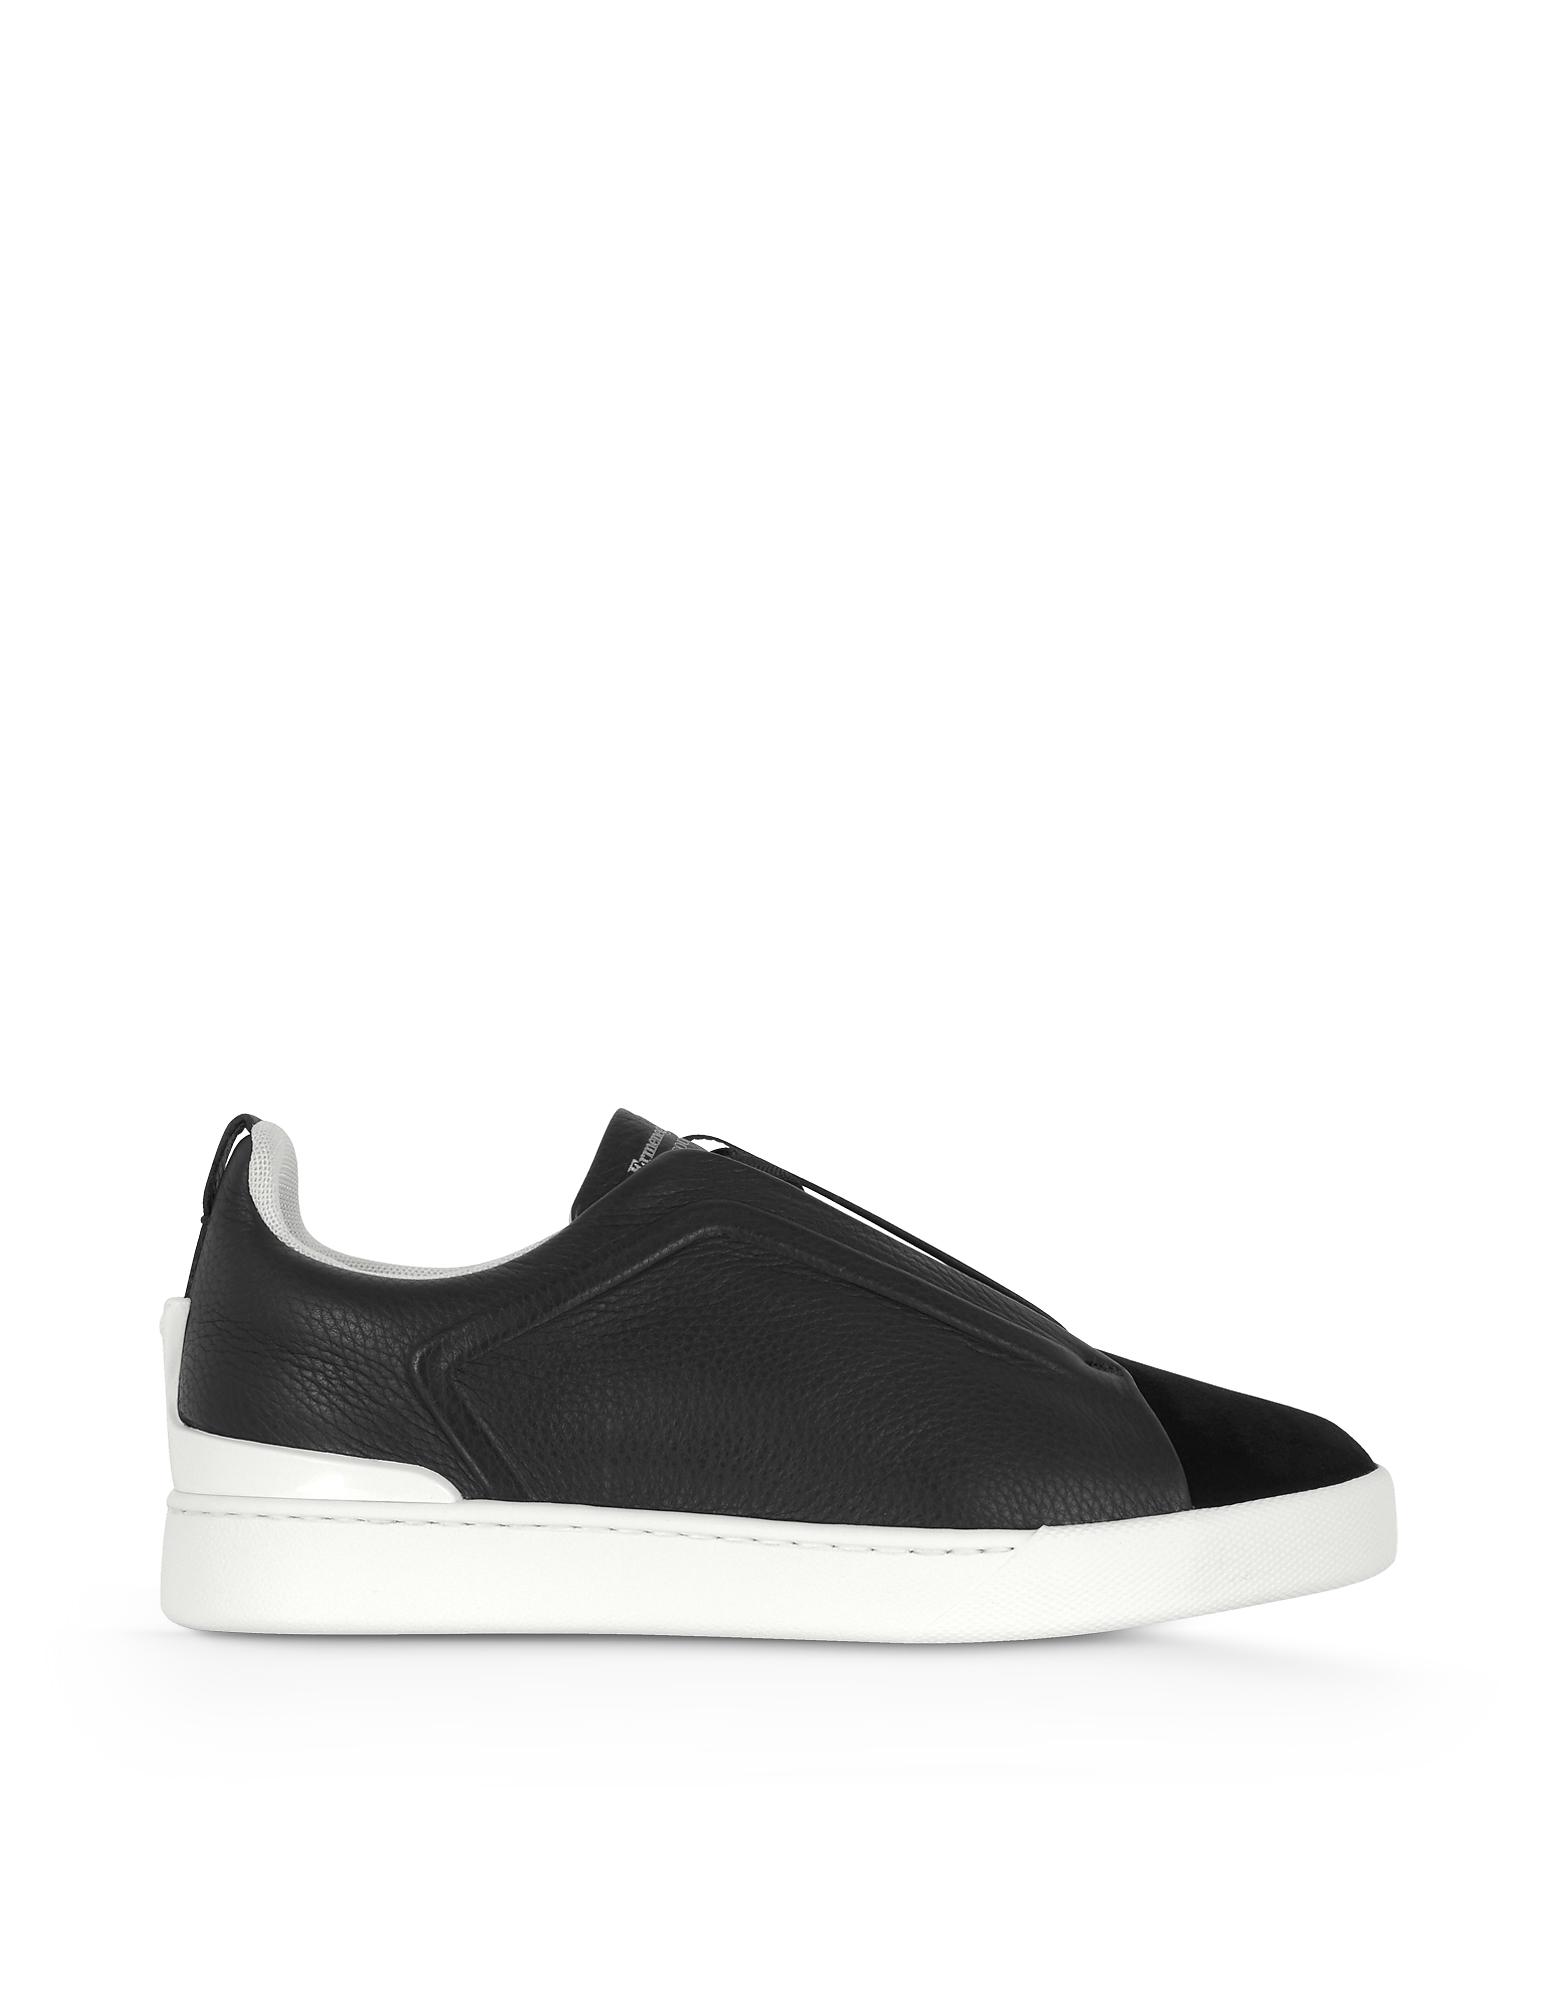 Ermenegildo Zegna Shoes, Deep Blue Triple Stitch Woven Leather Low Top Sneakers